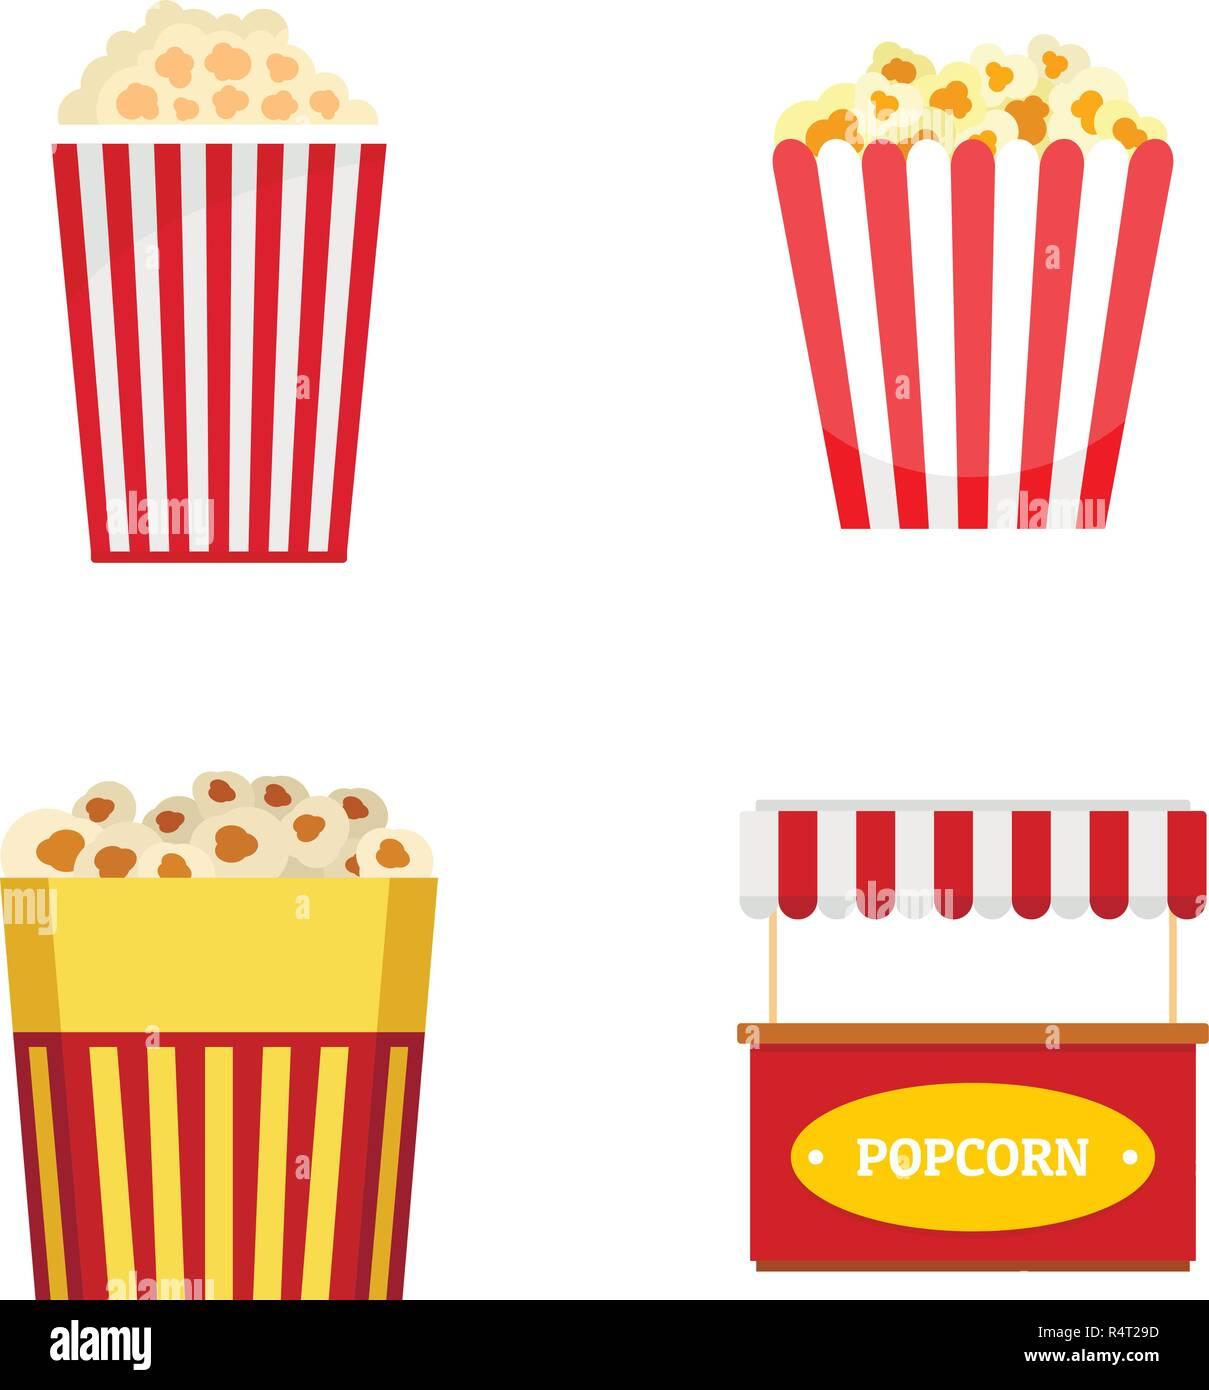 Popcorn cinema box striped icons set. Flat illustration of 4 popcorn cinema box striped vector icons isolated on white - Stock Image